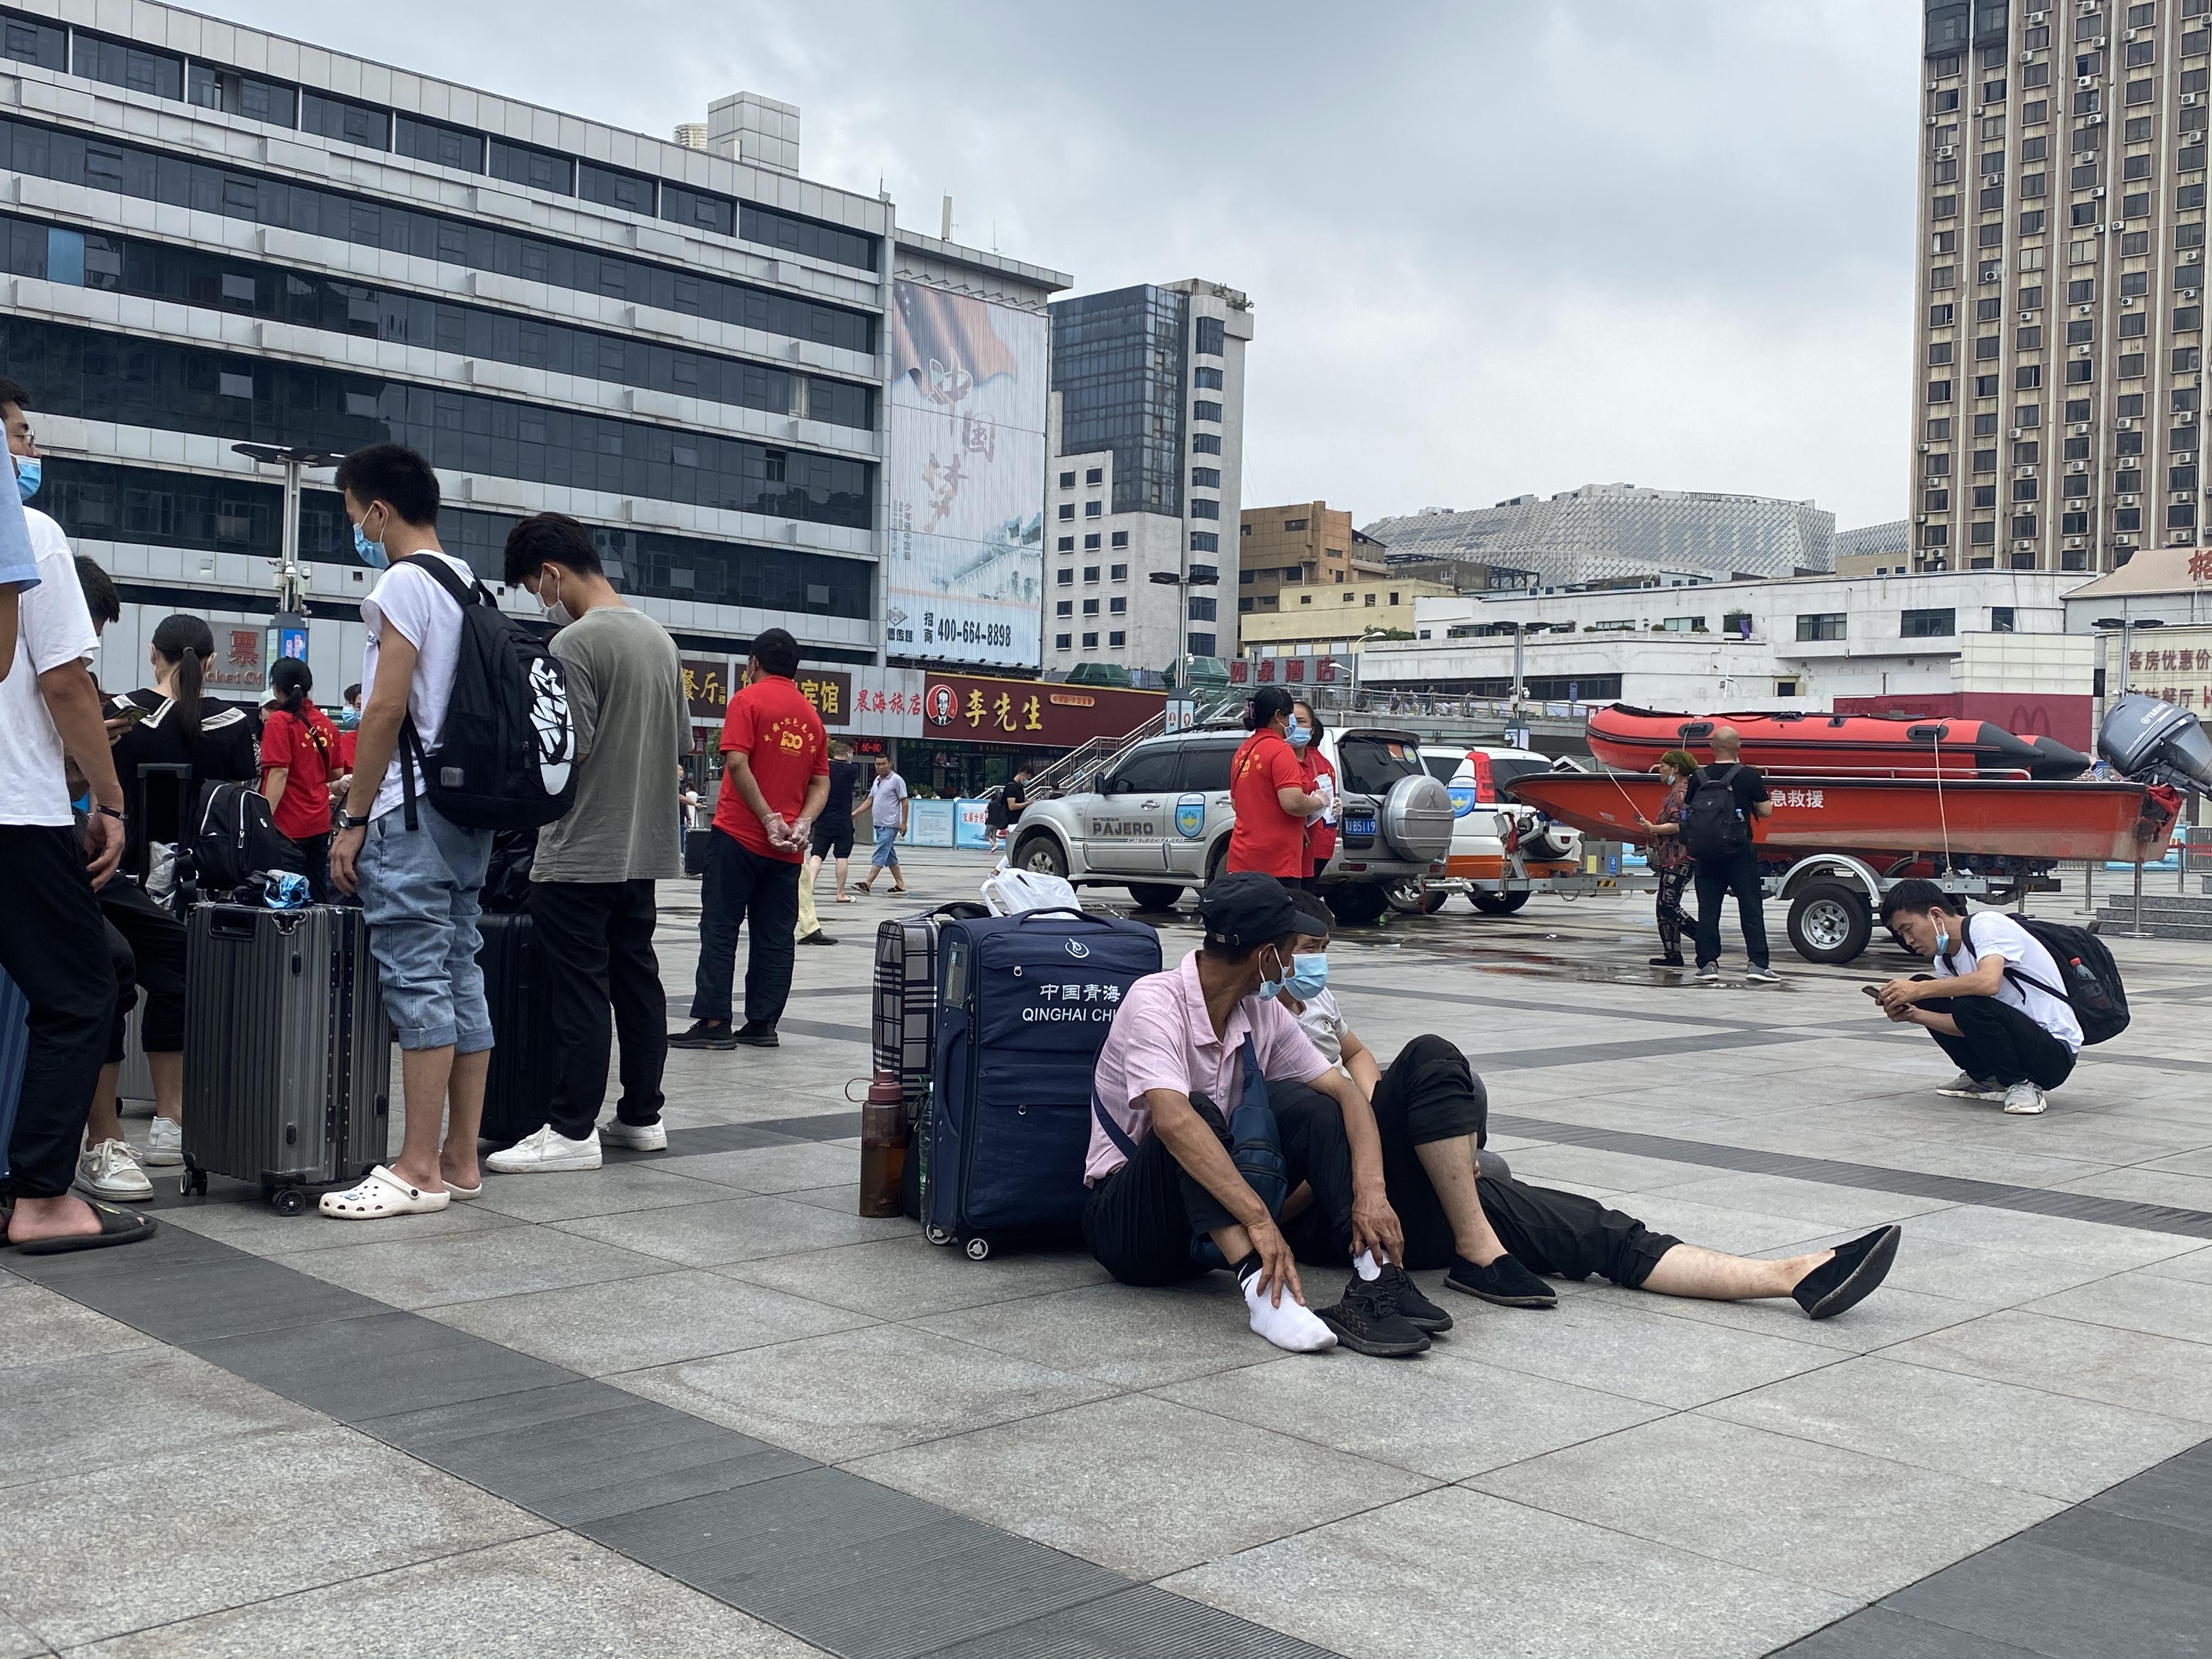 郑州车站仍滞留大量人员。本文图片 记者 薛莎莎 摄